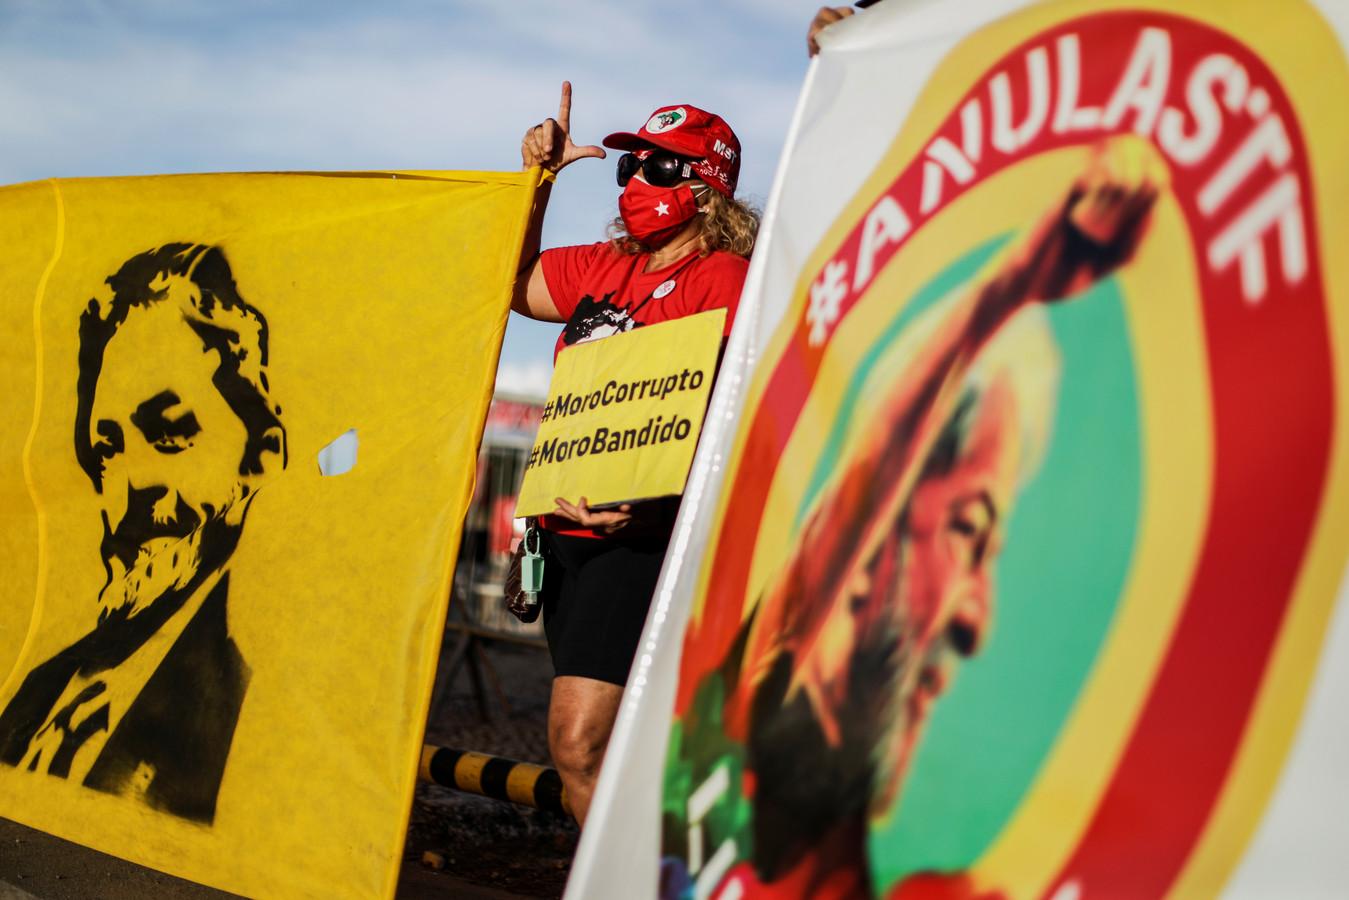 Aanhangers van Lula, zoals hij in de volksmond genoemd wordt, bij het hooggerechtshof.